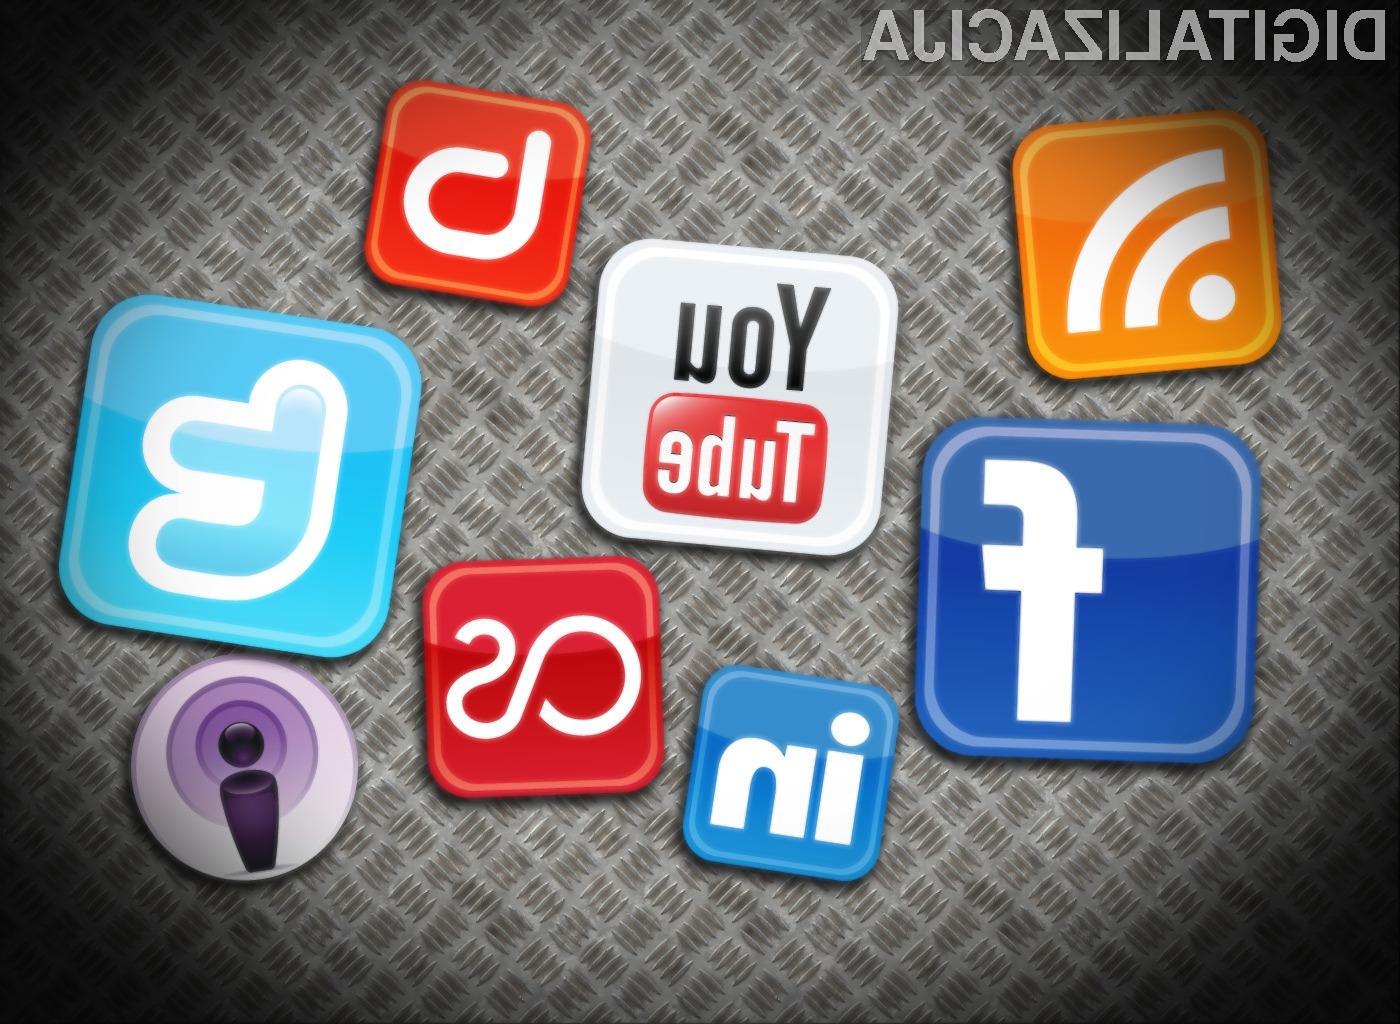 Družbena omrežja so ameriško gospodarstvo v lanskem letu stala kar neverjetnih 650 milijard ameriških dolarjev.